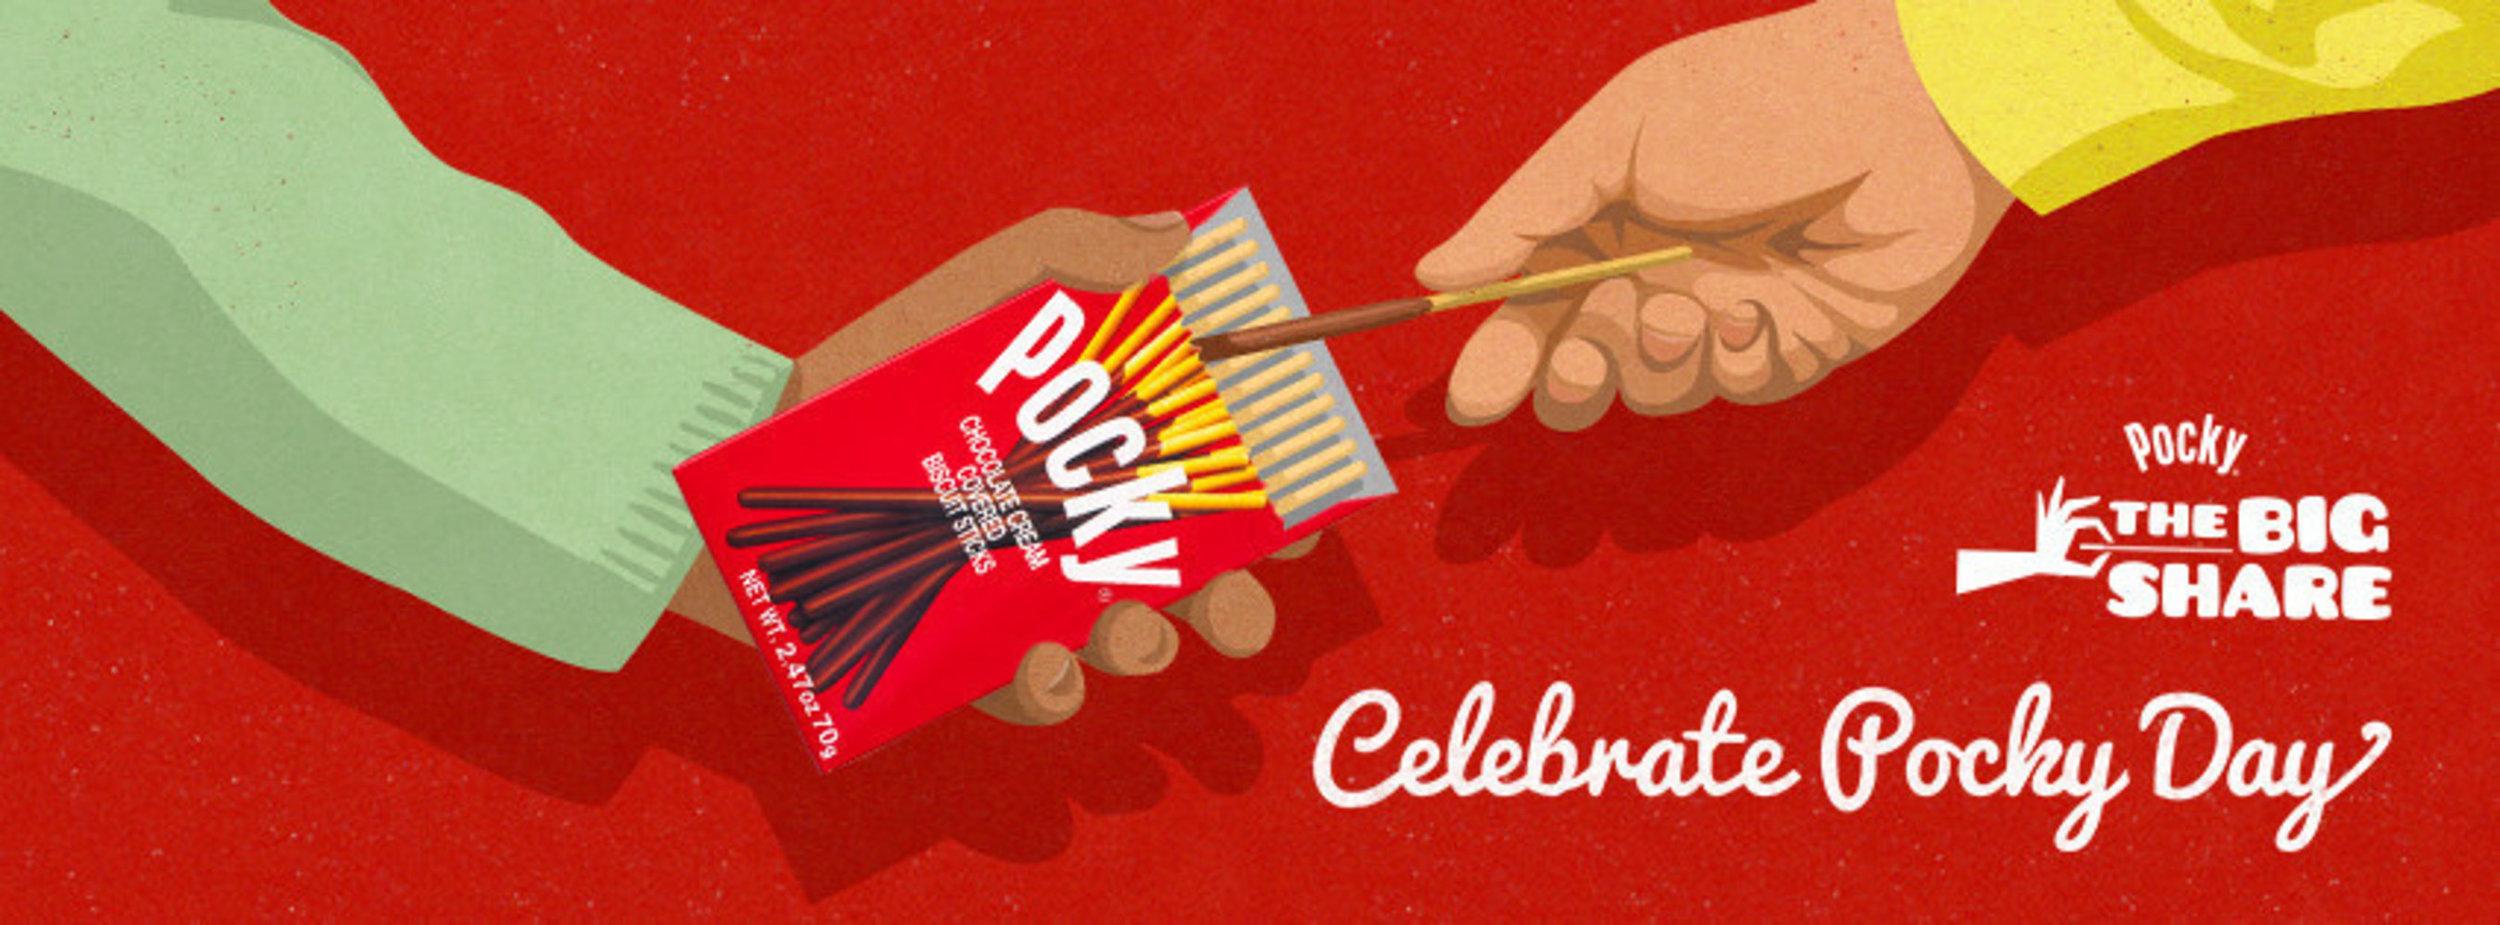 celebrate pocky day.jpeg